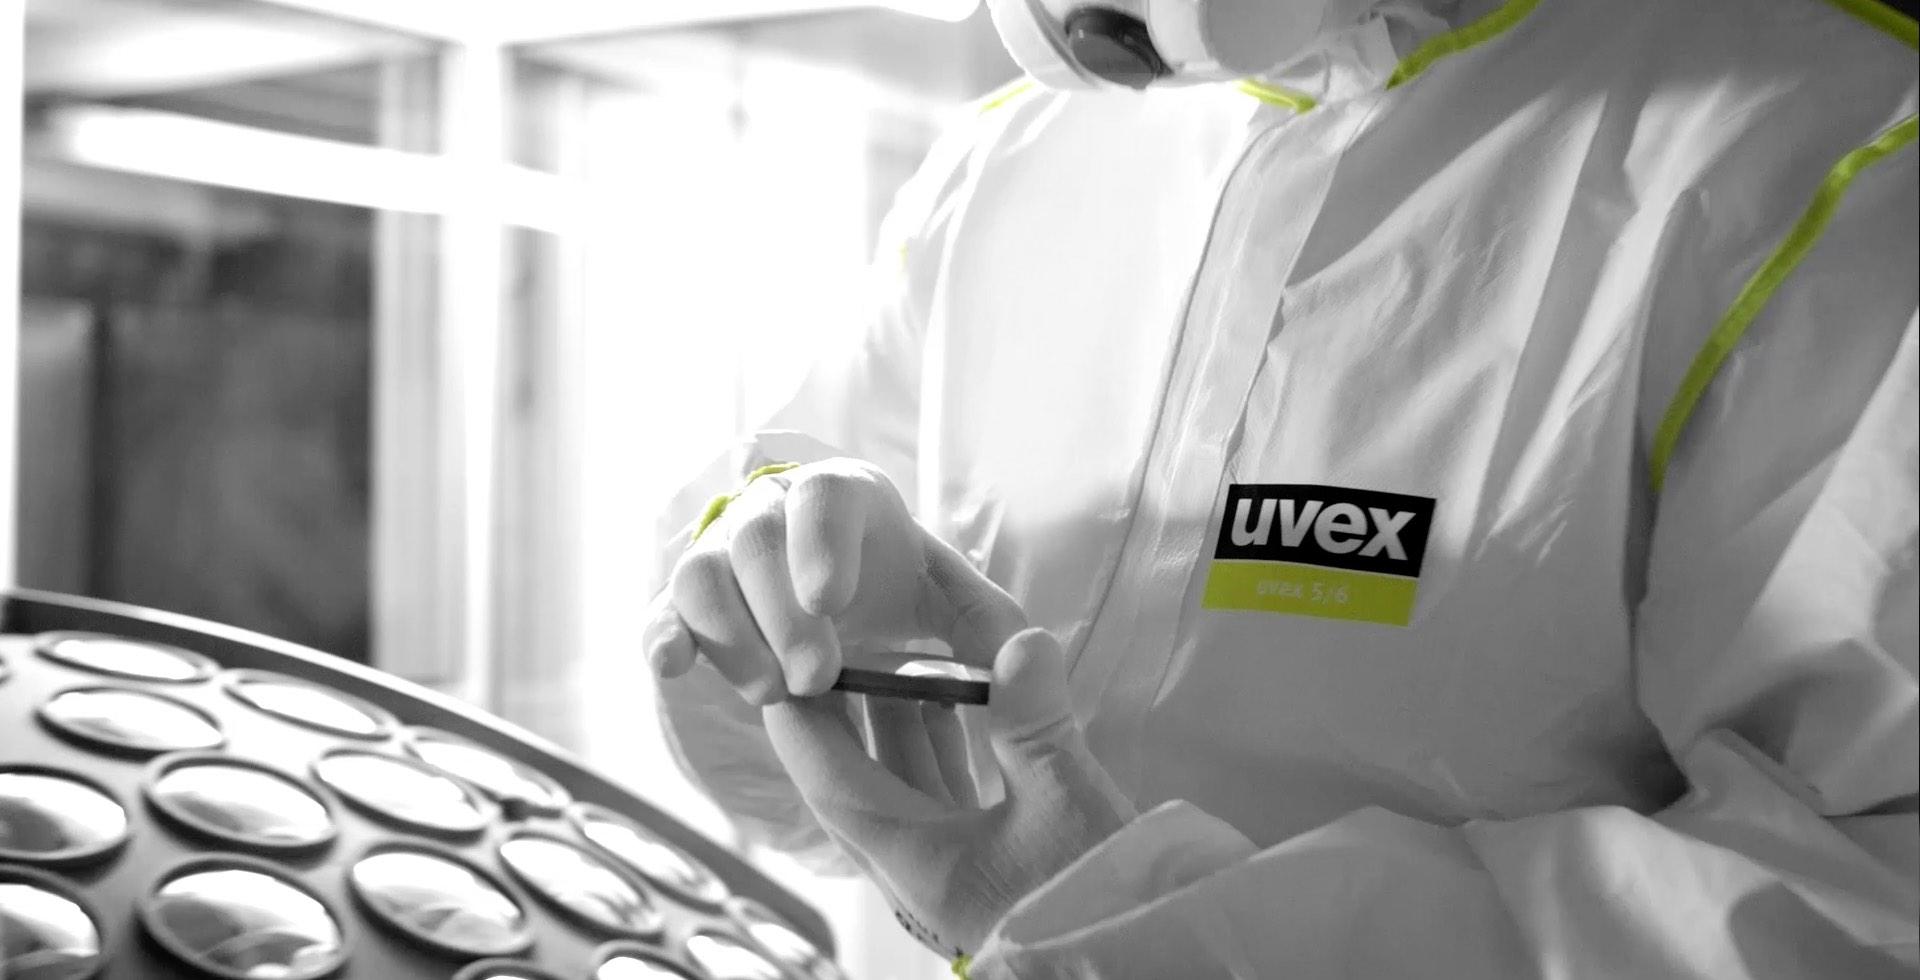 uvex-Produktfilm-12